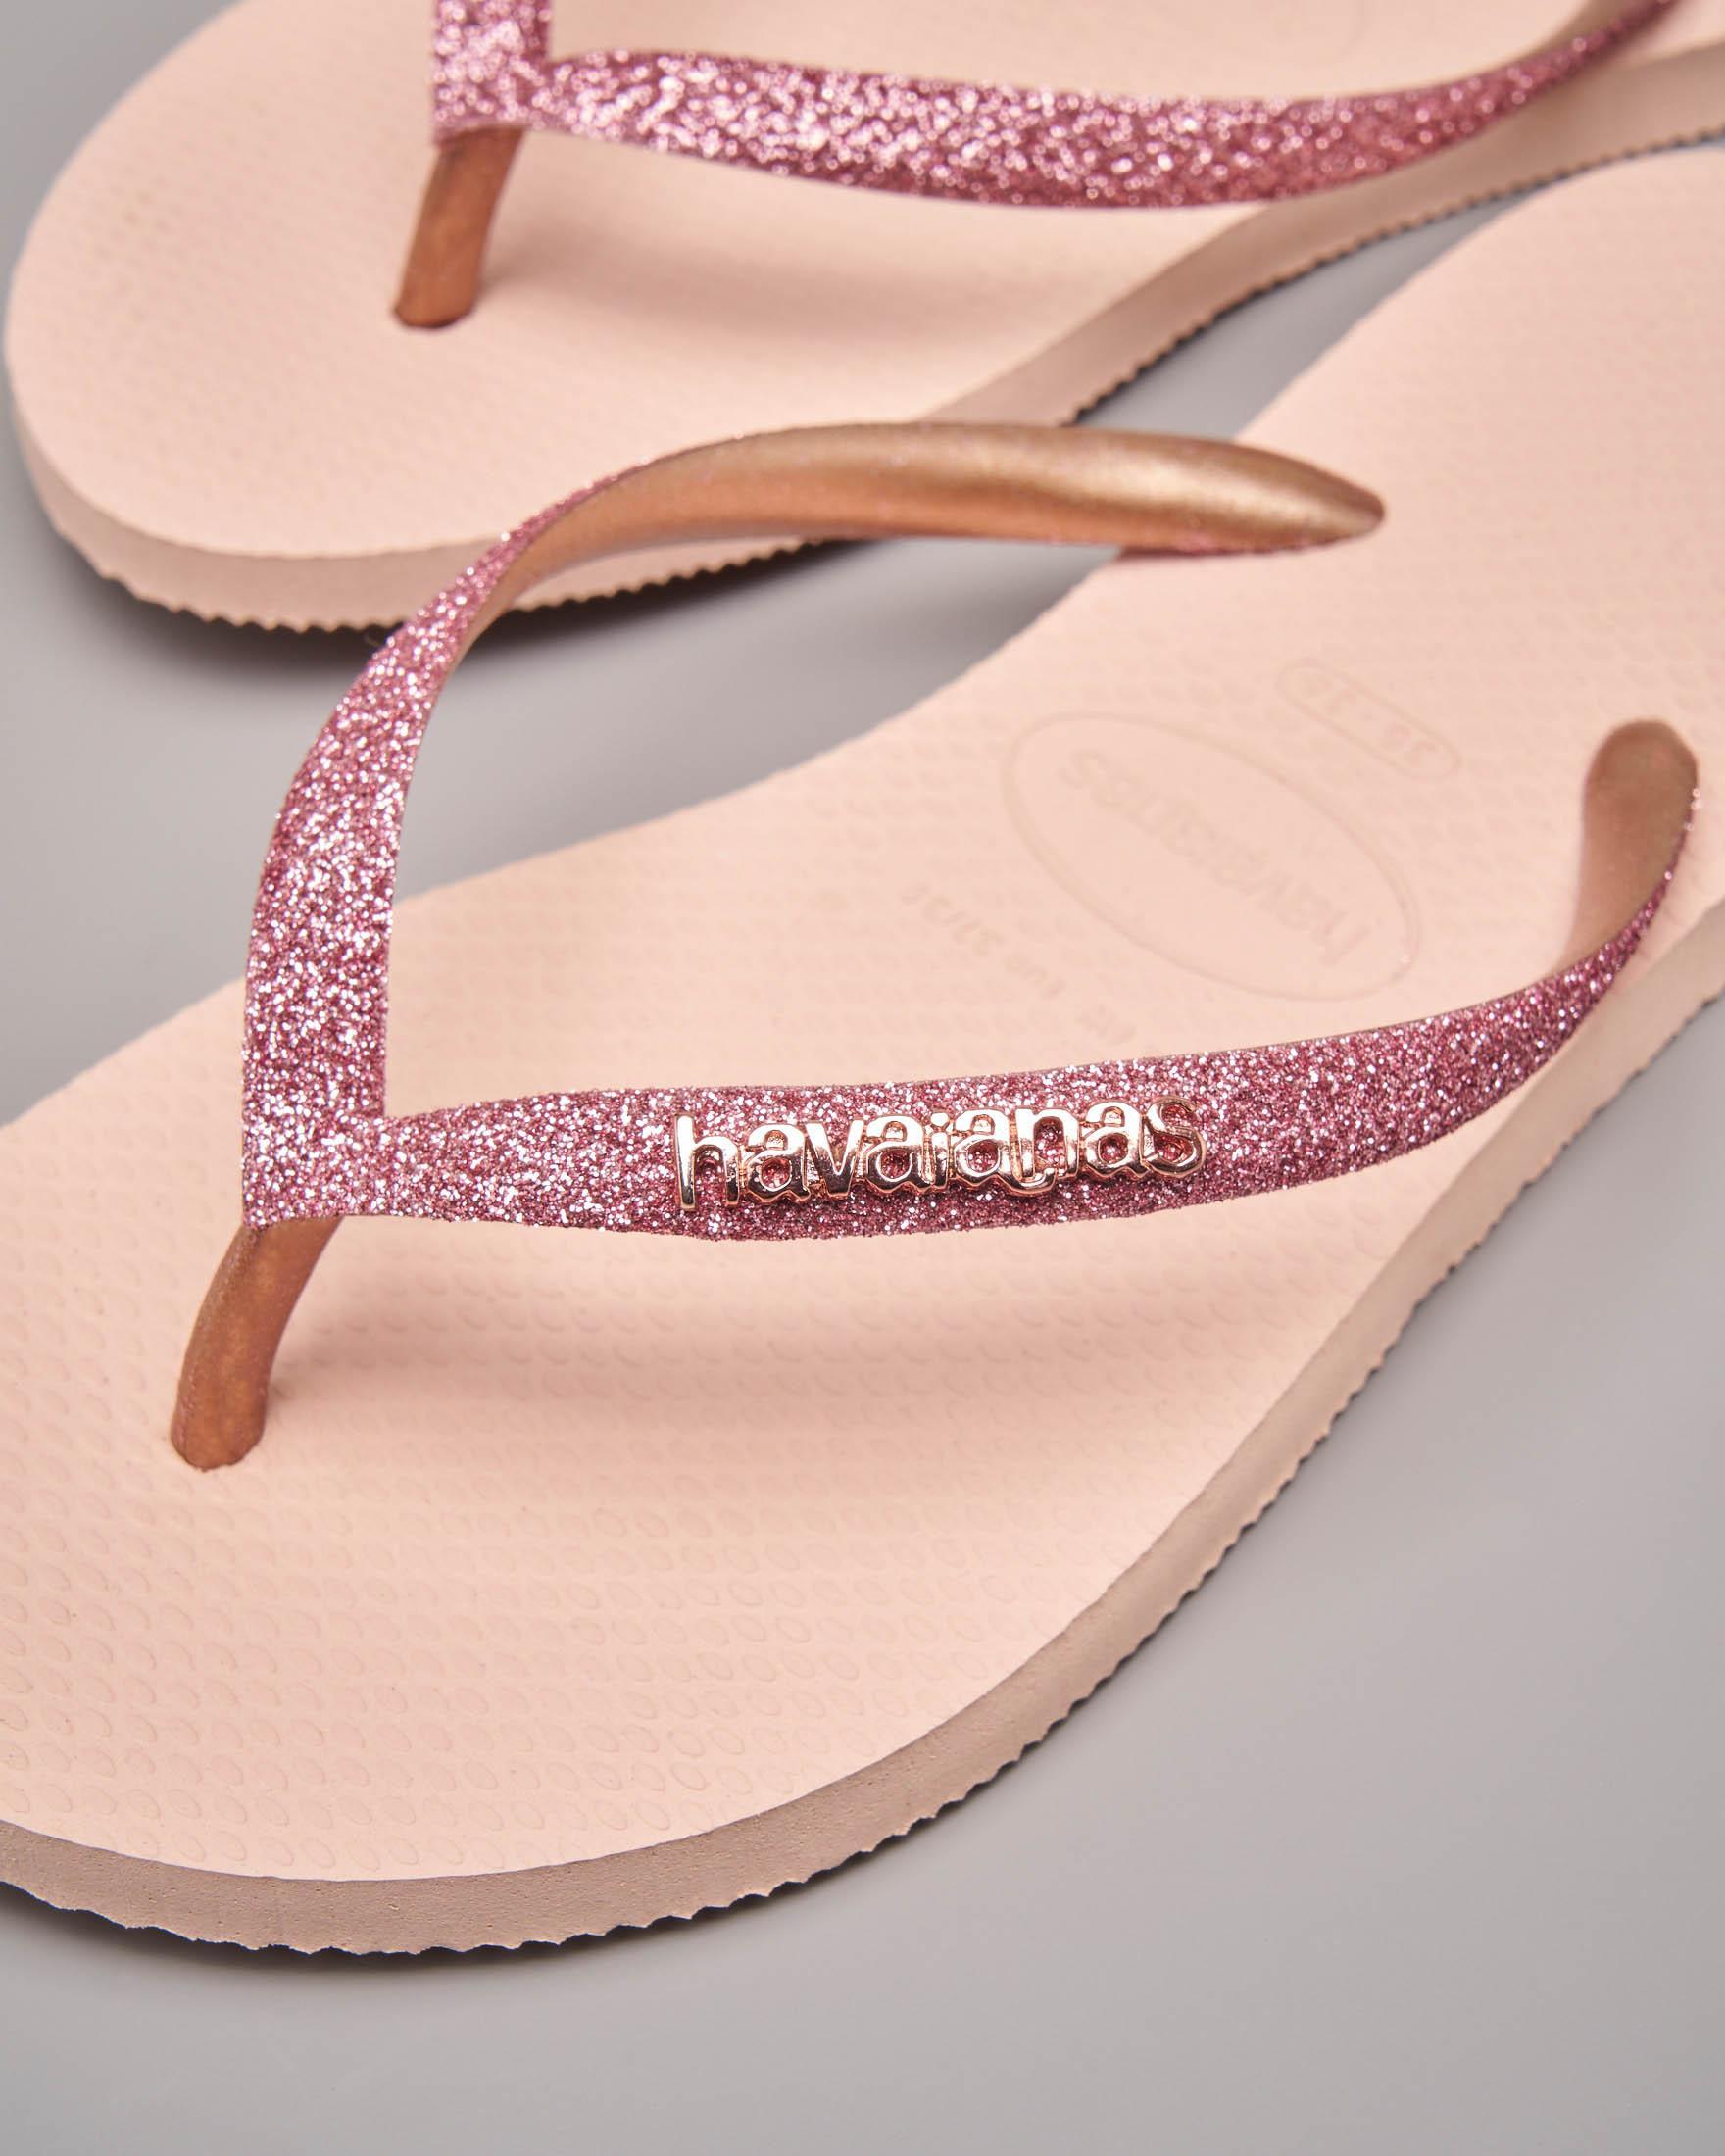 Havaianas glitter rosa con logo in metallo